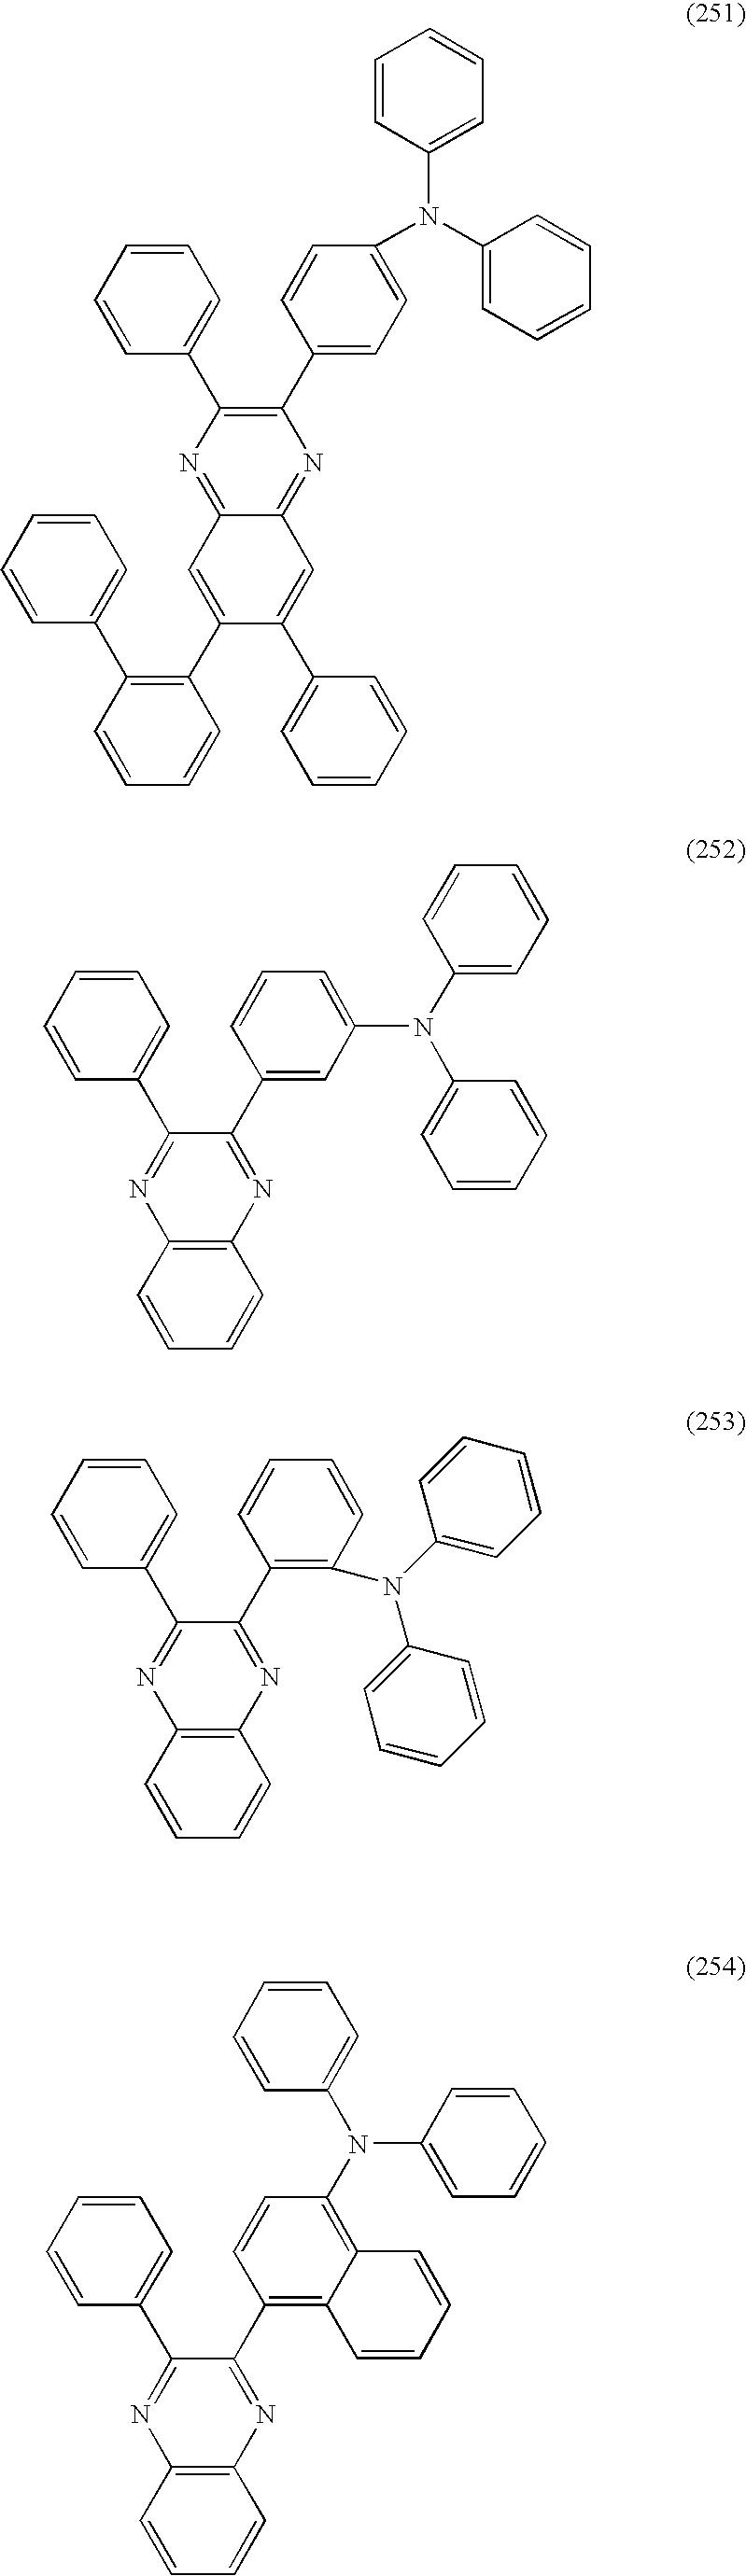 Figure US08178216-20120515-C00085